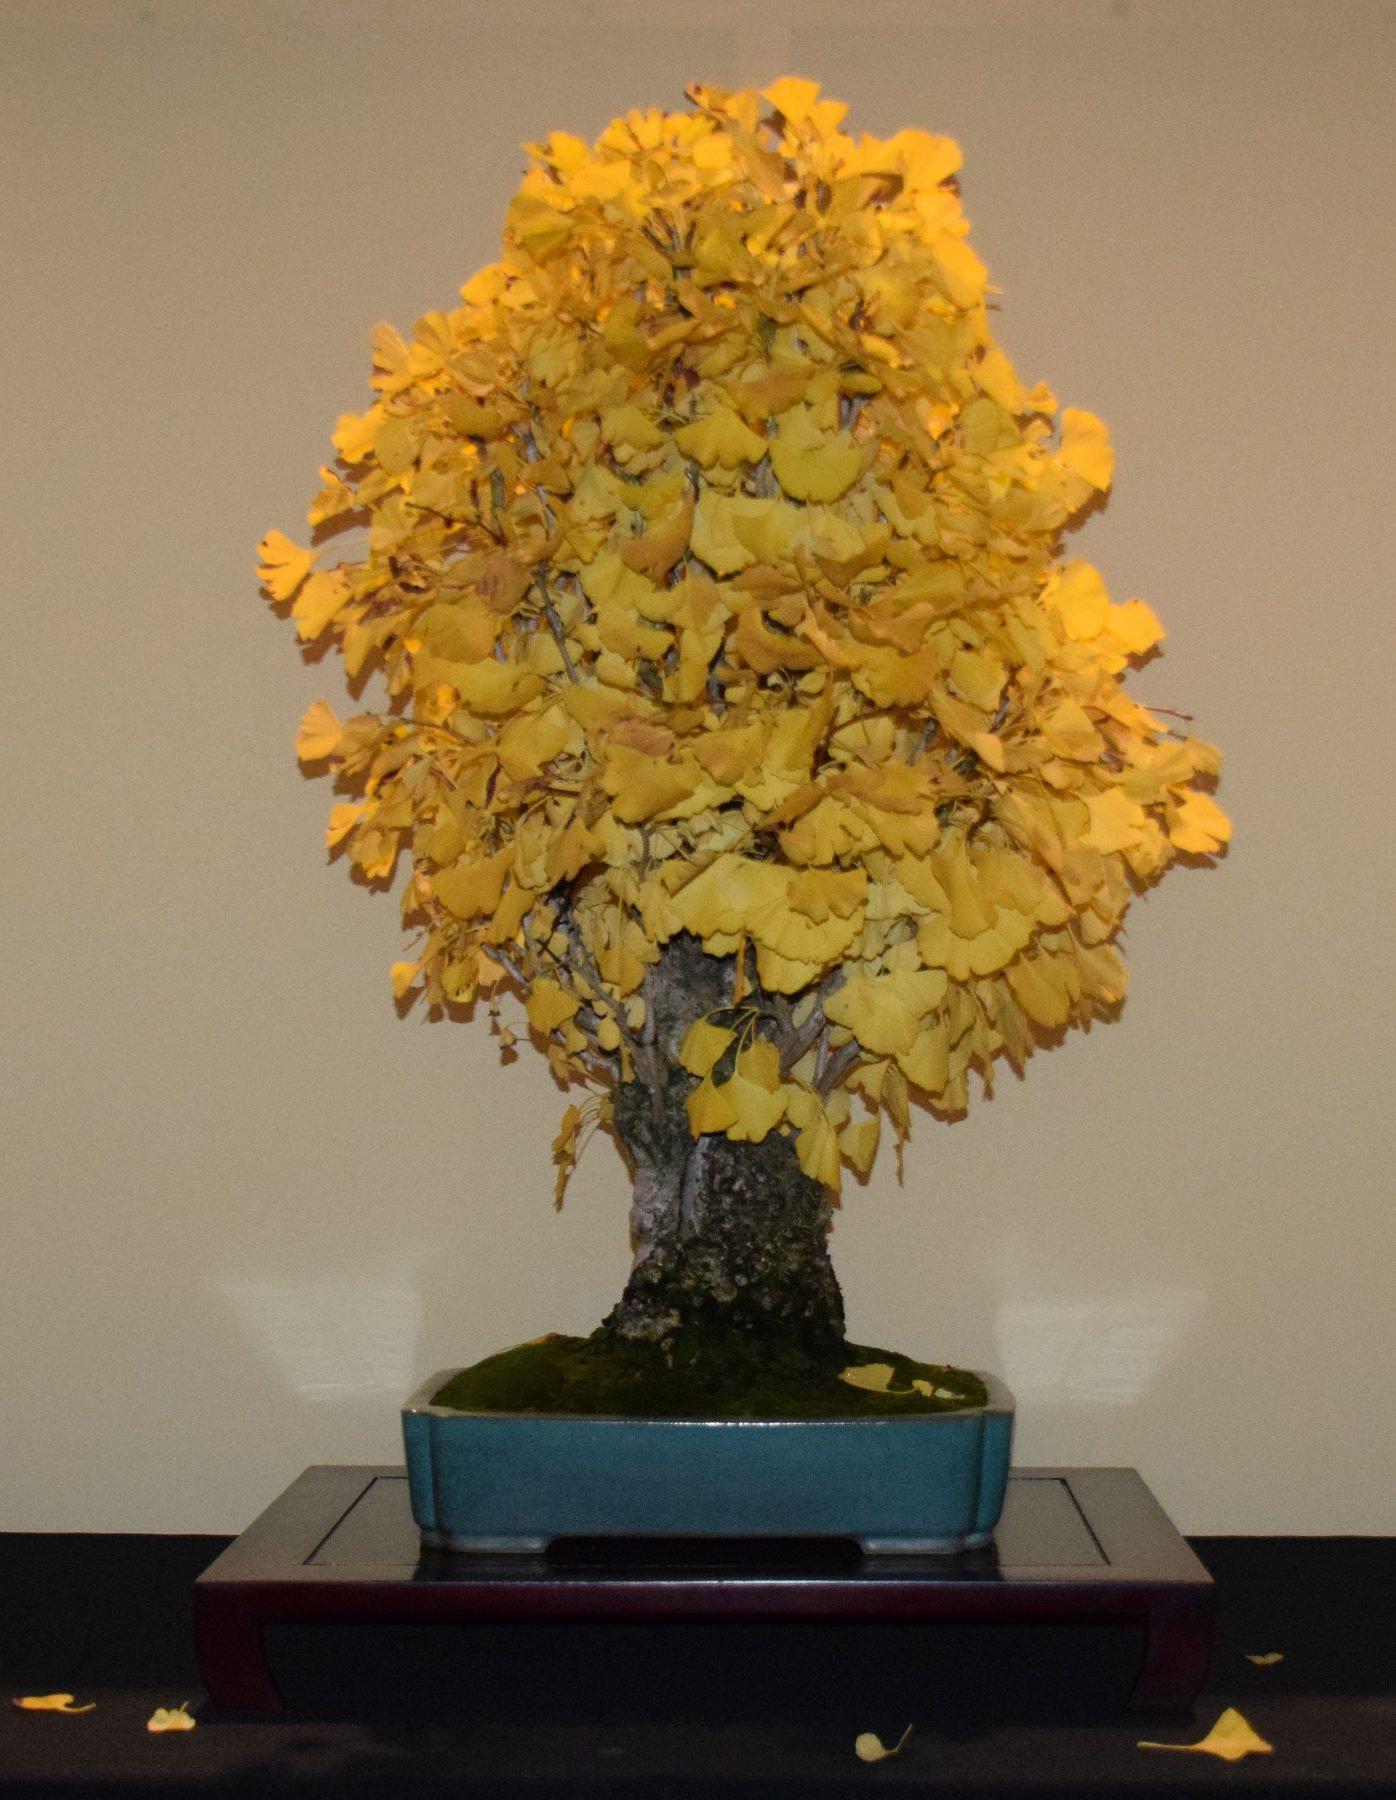 euk-bonsai-ten-2016-jp-polmans-collectie-003